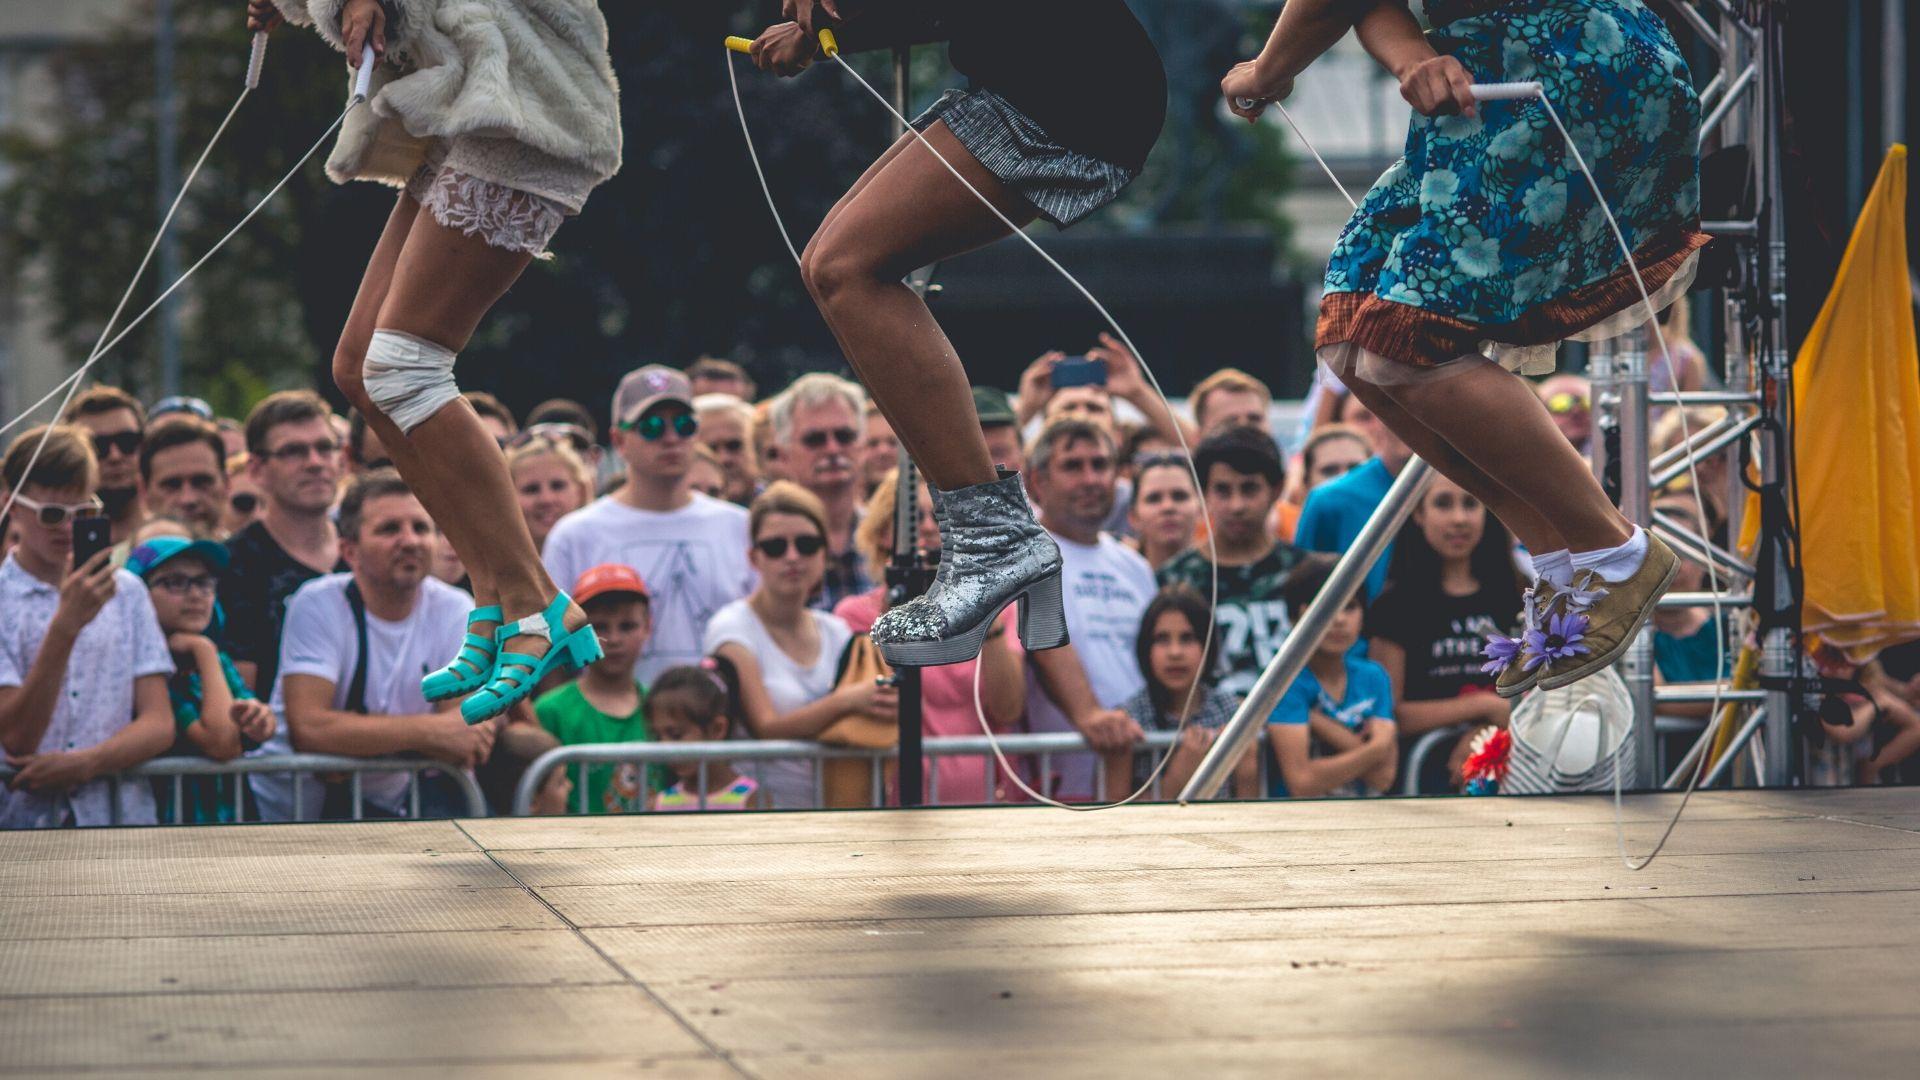 widzowie patrzą na scenę, na której trzy osoby skaczą przez skakanki. Zdjęcie uchwyciło je podczas wyskoku w górę, widoczne są jedynie fragmenty sylwetek, głowy artystów znajdują się poza kadrem